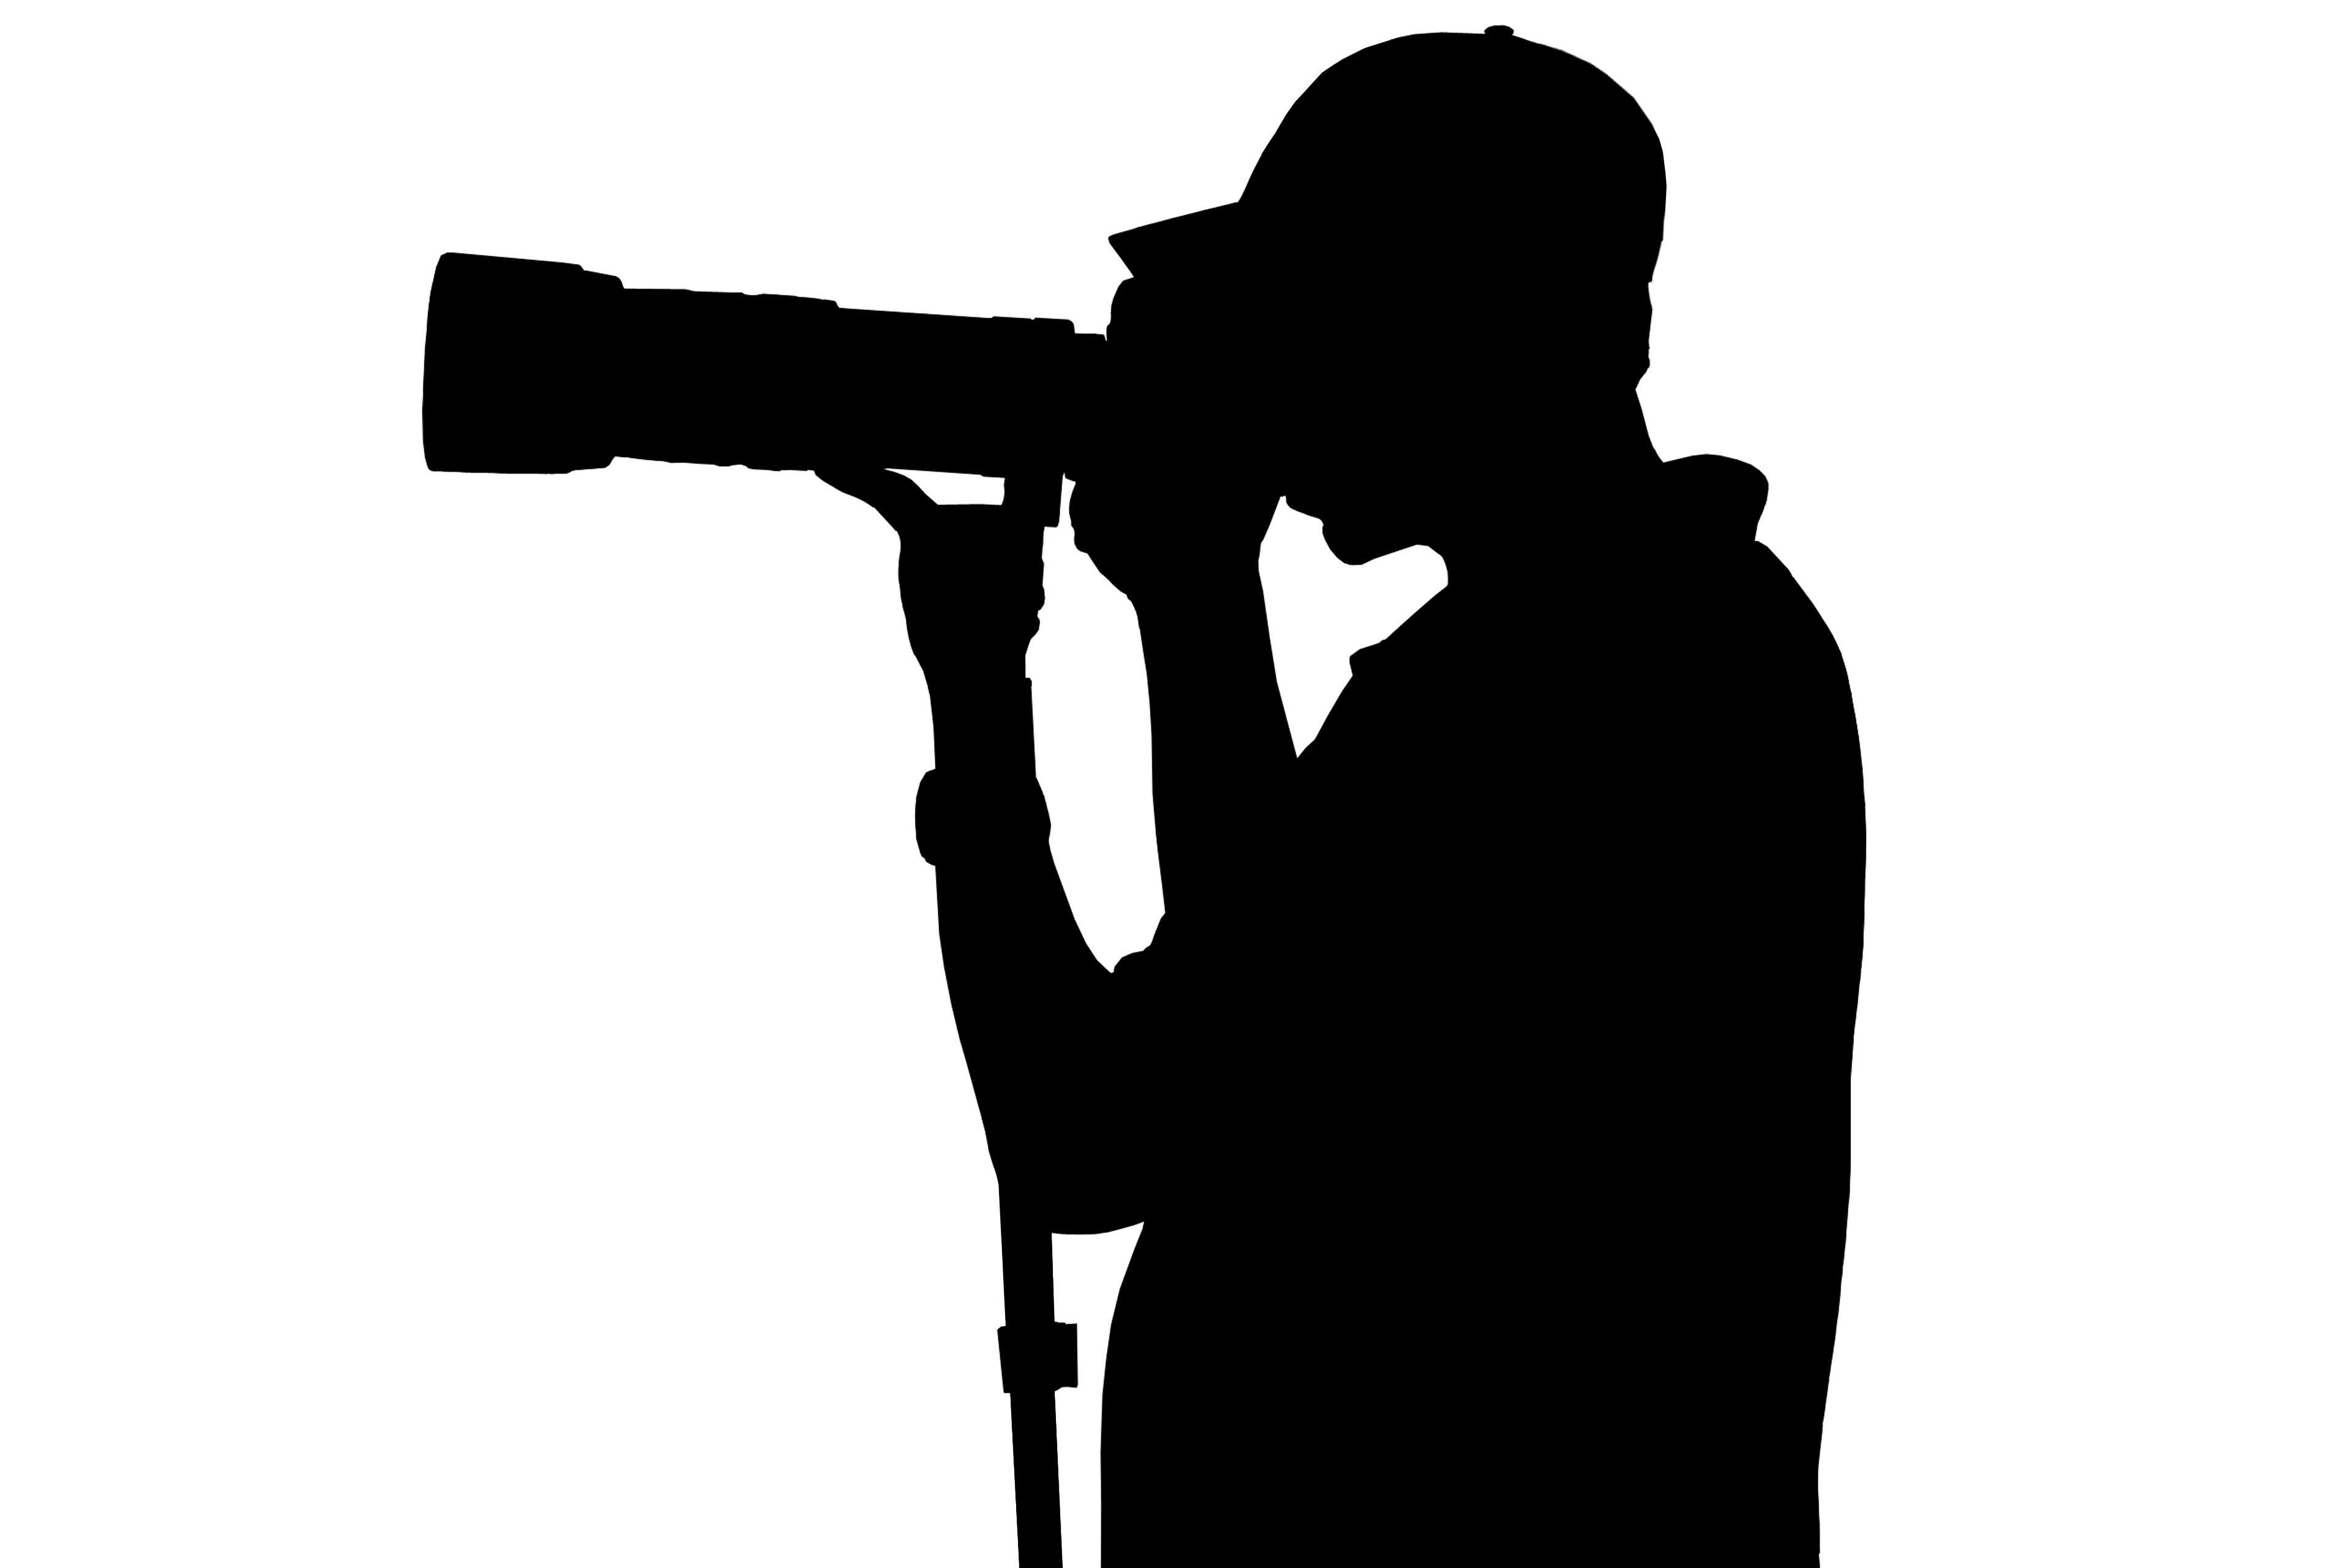 3840x2560 Photographer Silhouette Male 1 Filipino Portal In Canada